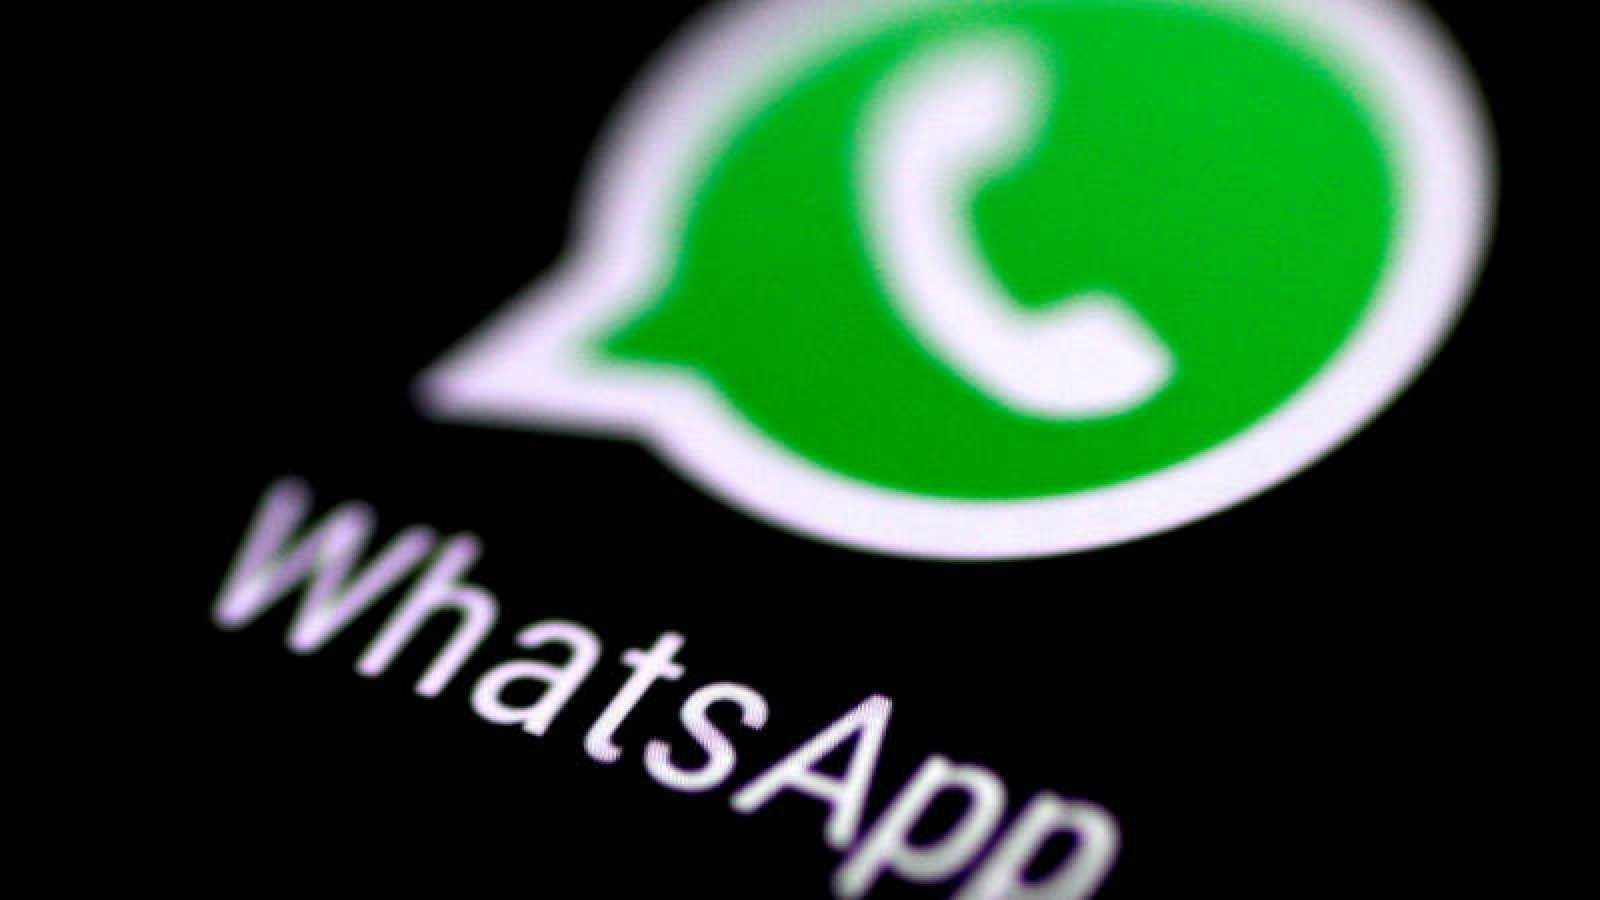 La caída de WhatsApp ha afectado a varios usuarios de México y de diferentes países a nivel mundial, los cuales han comenzado a hacer su reporte a través de redes sociales.